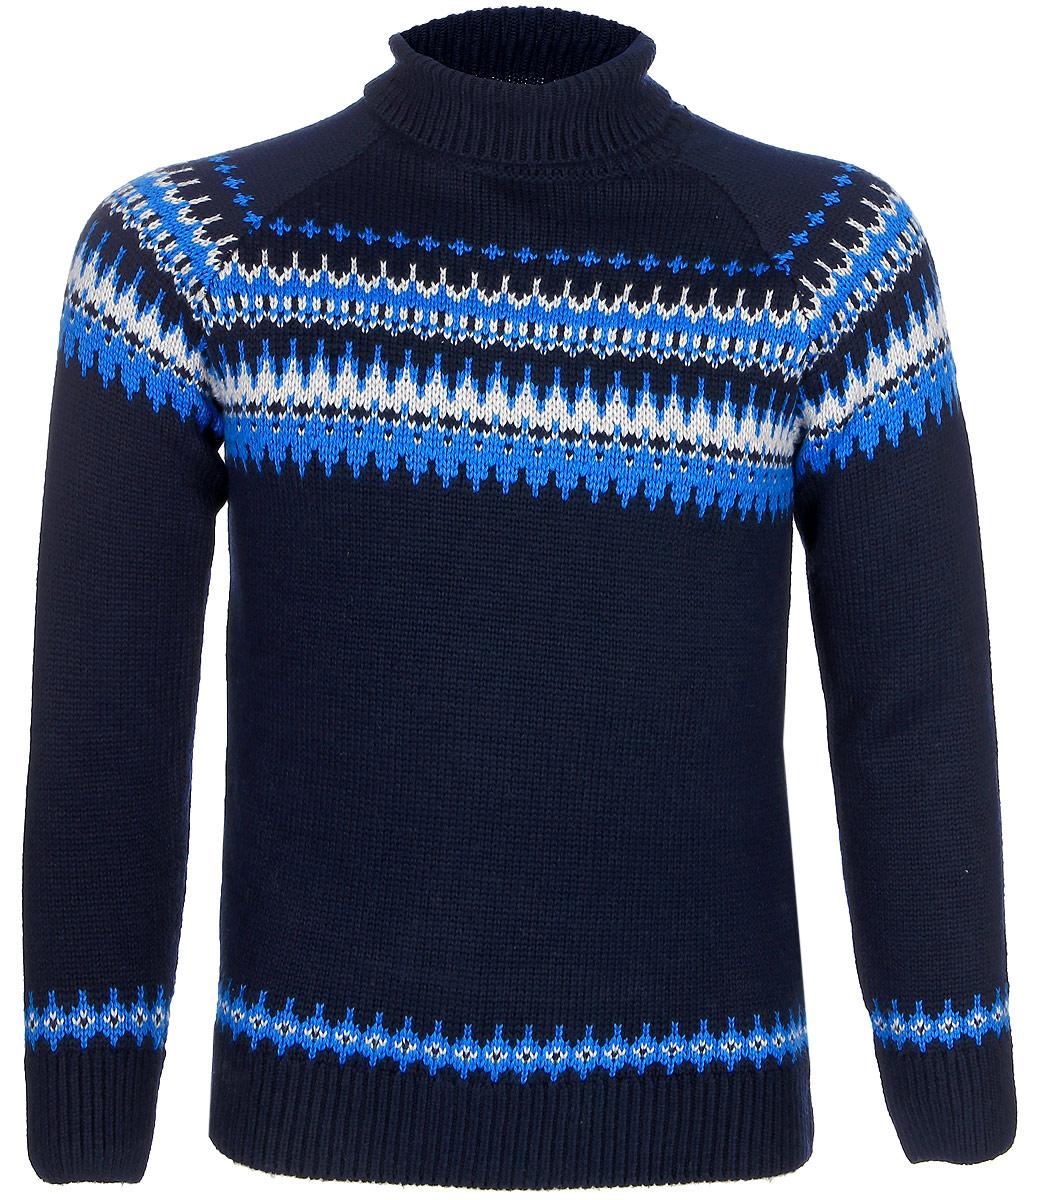 Свитер для мальчика Sela, цвет: темно-синий. SW-814/020-7413. Размер 140, 10 летSW-814/020-7413